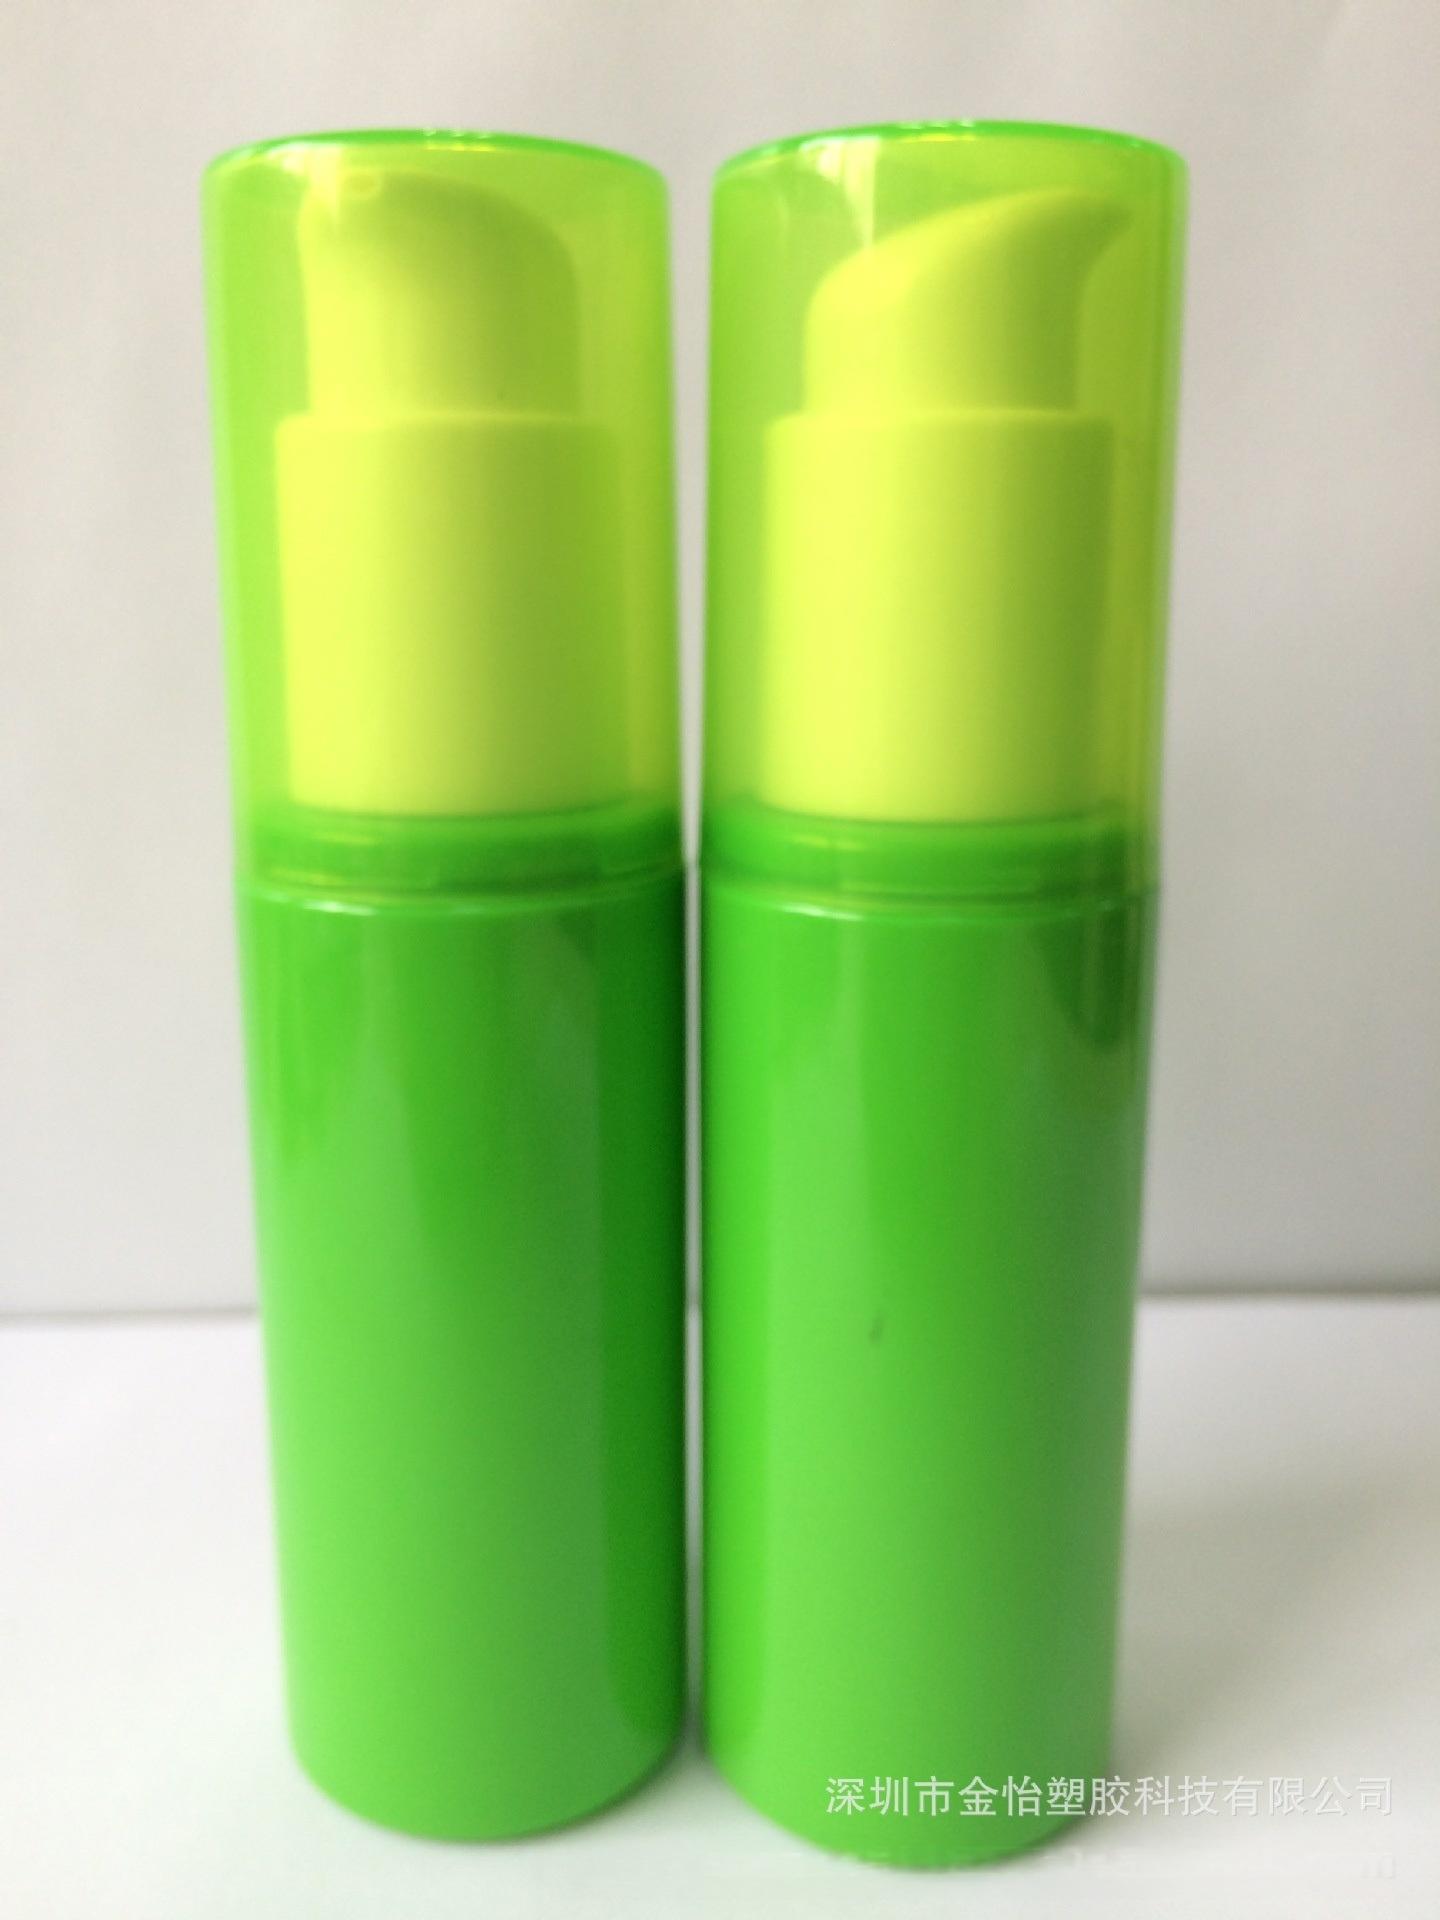 英利华250ml瓶分析单 061